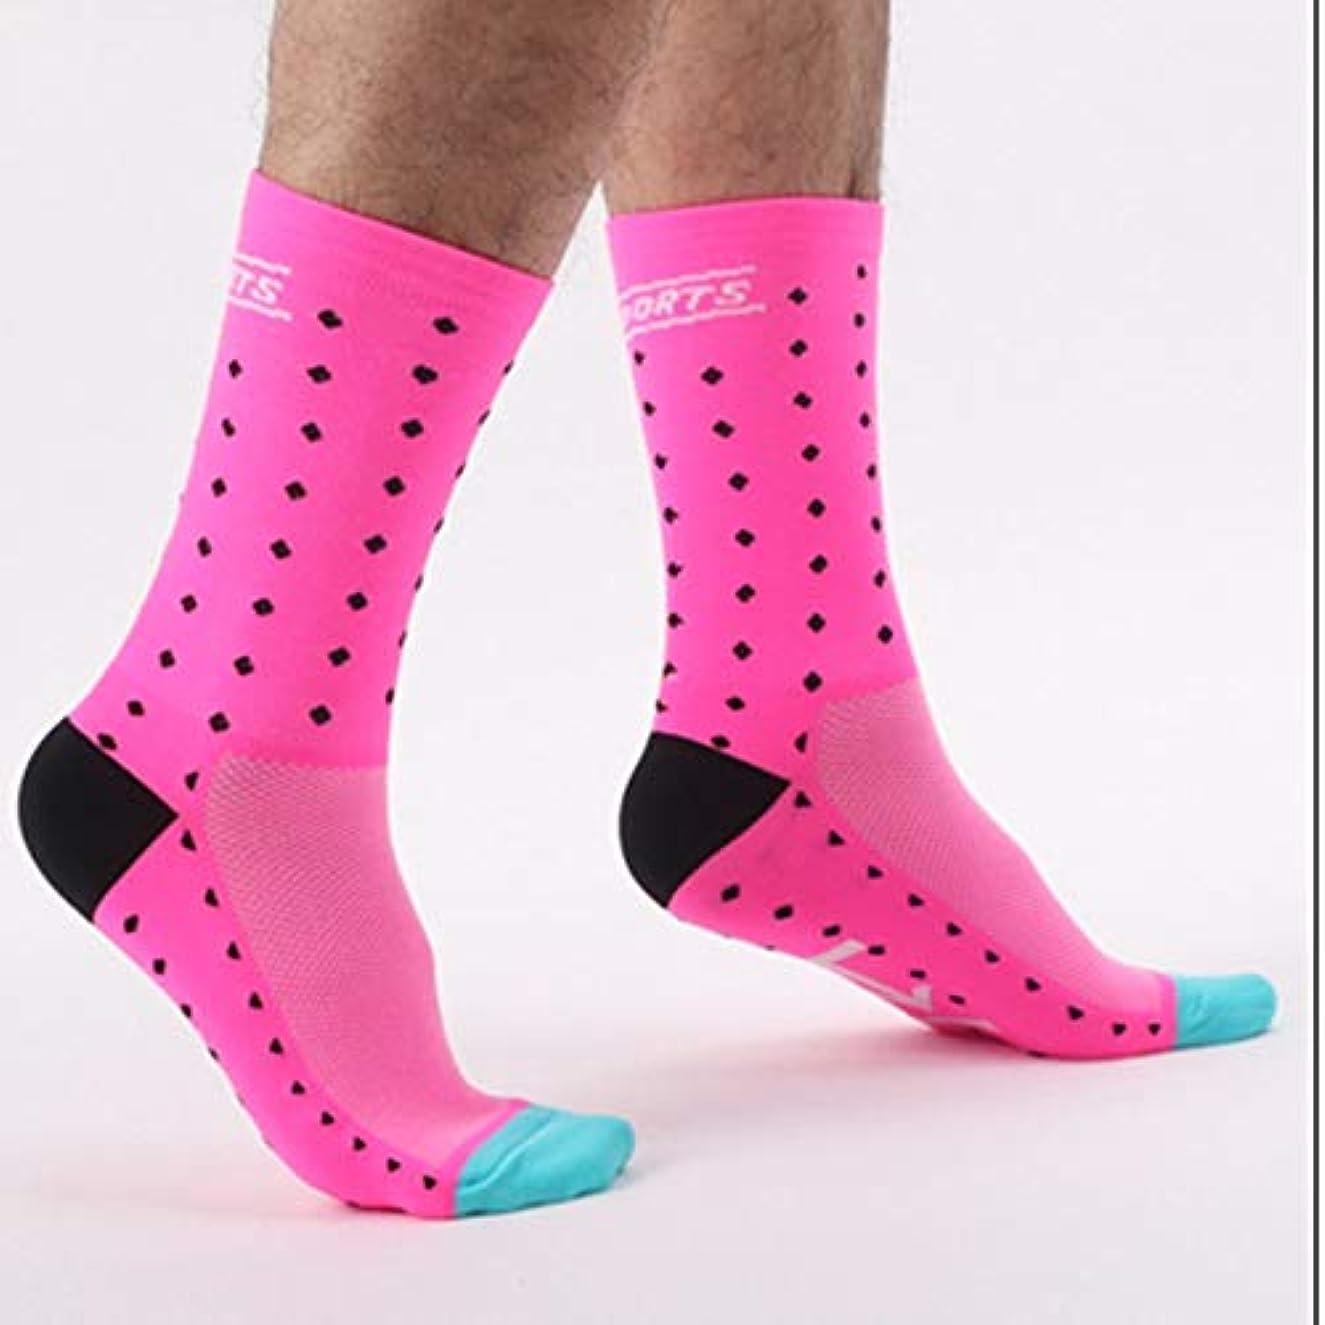 本付属品一過性DH04快適なファッショナブルな屋外サイクリングソックス男性女性プロの通気性スポーツソックスバスケットボールソックス - ピンク